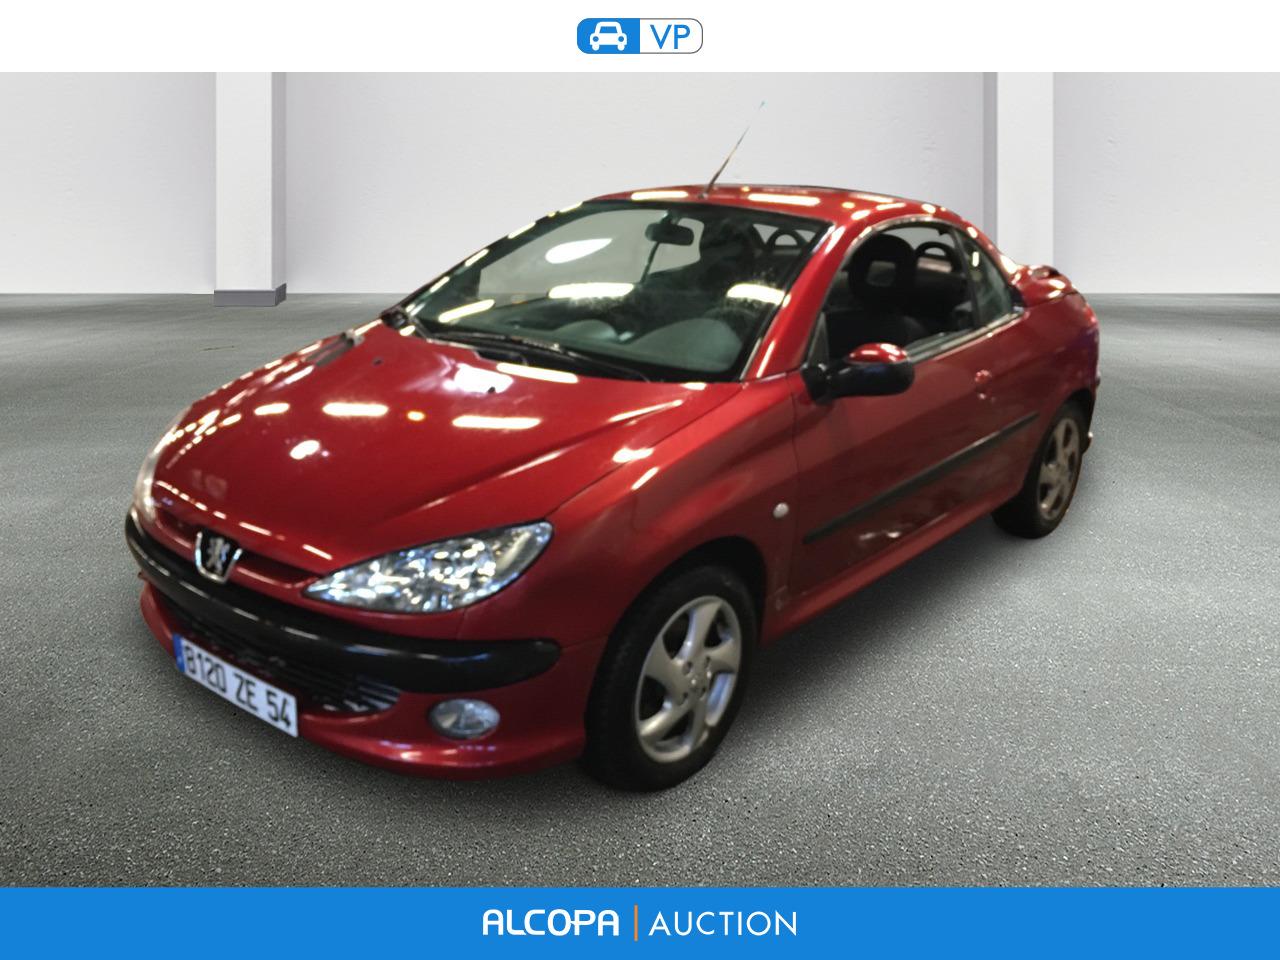 Peugeot 206 Cc Phase2 04 03 206 Cc 1 6 16v Alcopa Auction